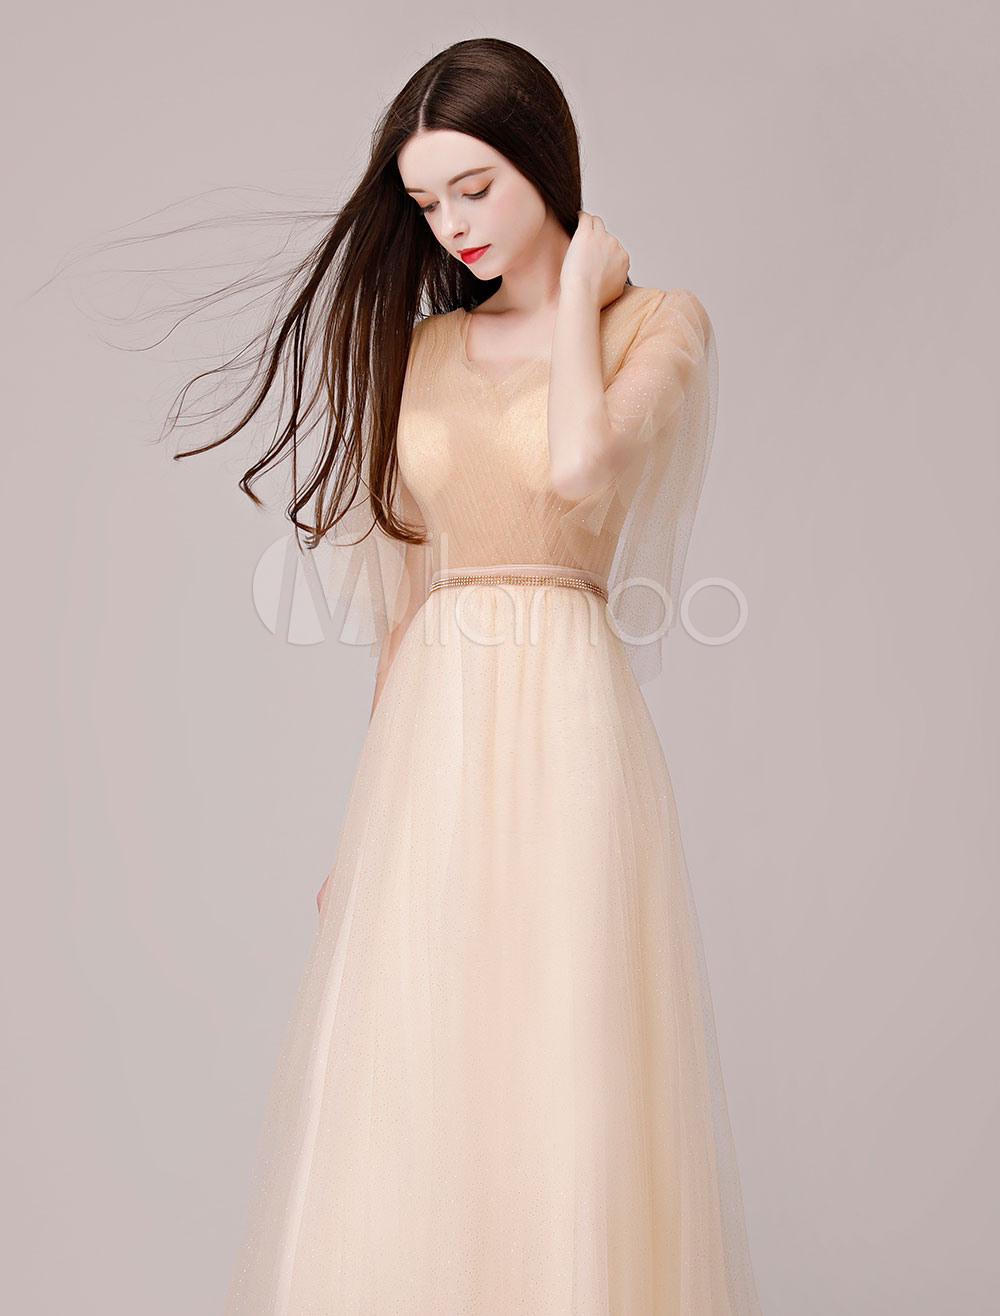 13 Einzigartig Abendkleider Mit Tüll Spezialgebiet Genial Abendkleider Mit Tüll für 2019